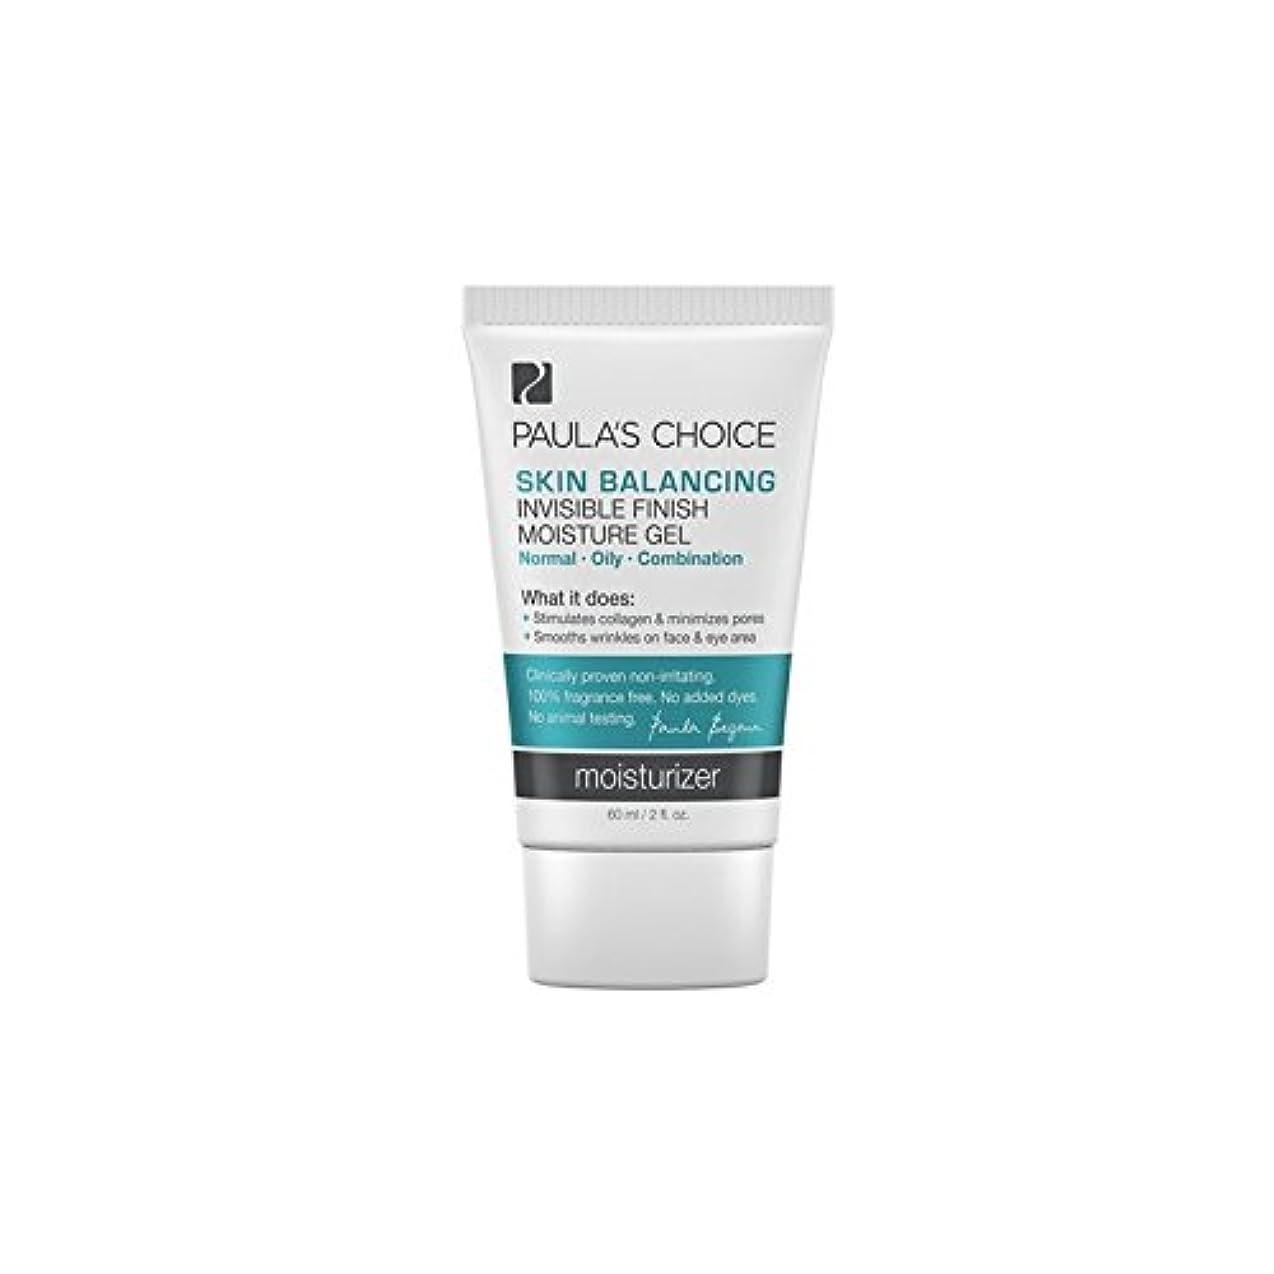 不満将来の崖Paula's Choice Skin Balancing Invisible Finish Moisture Gel (60ml) - ポーラチョイスの肌のバランス目に見えない仕上がり水分ゲル(60ミリリットル) [並行輸入品]